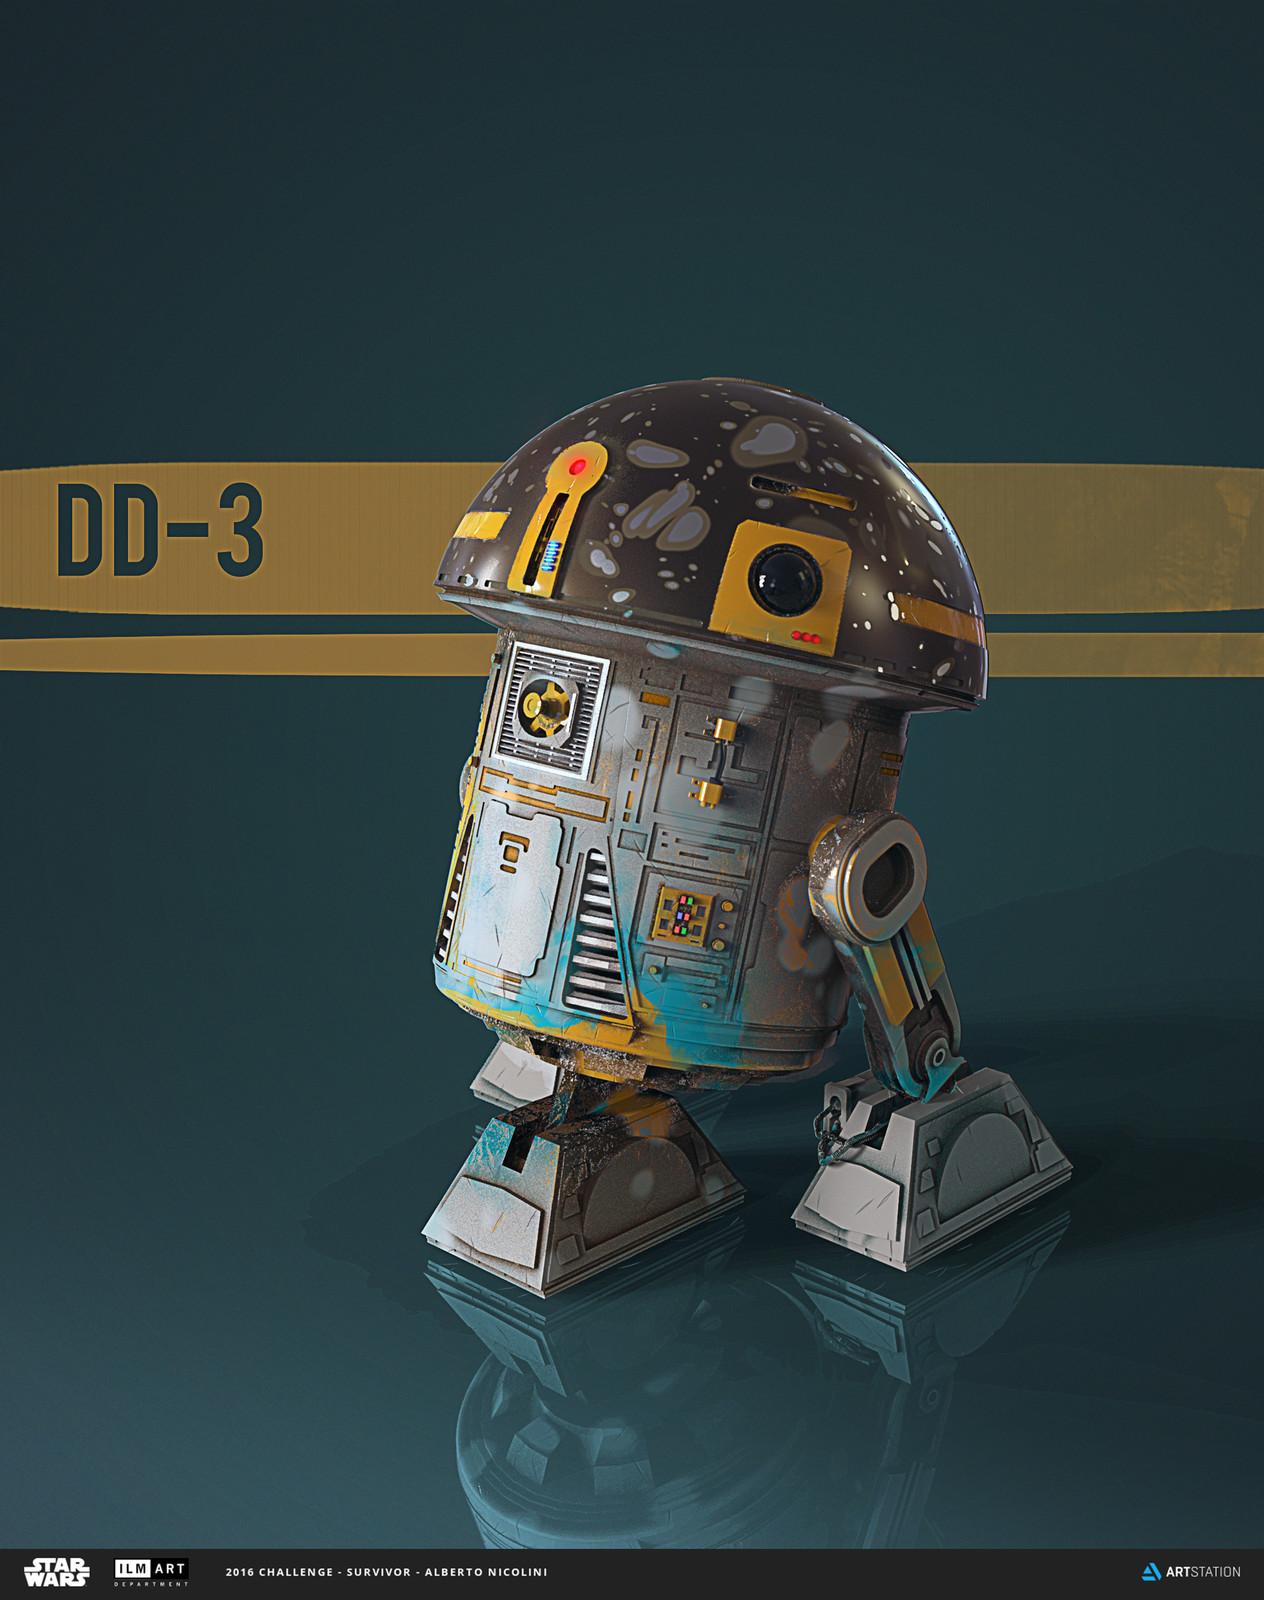 ILM Art Department Challenge: DD-3